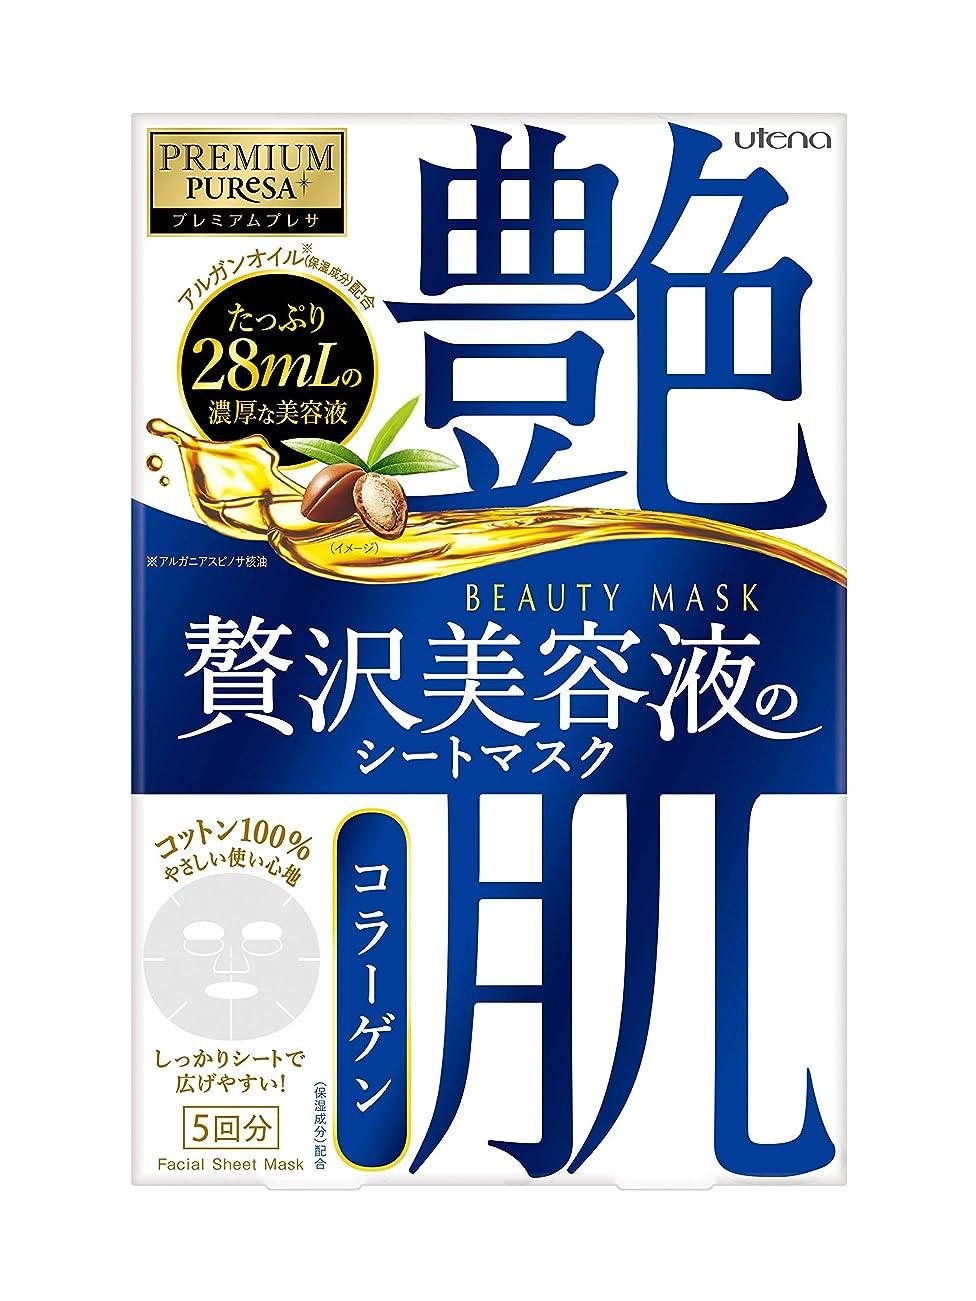 唯一モードリン規制する【Amazon.co.jp限定】大容量 プレミアムプレサ ビューティーマスク コラーゲン(5回分)